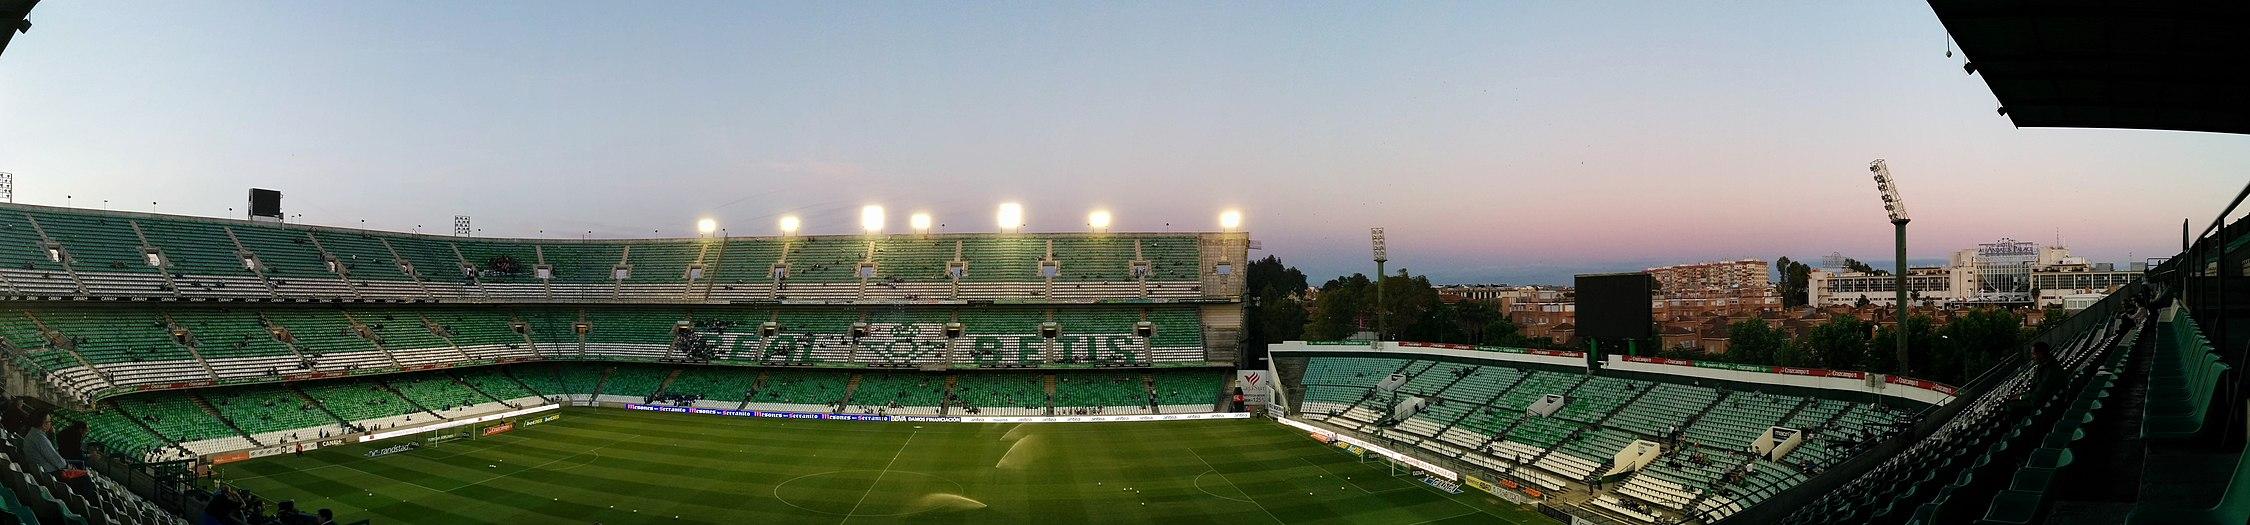 el estadio benito villamarn es el estadio con mayor aforo de andaluca y el cuarto de espaa